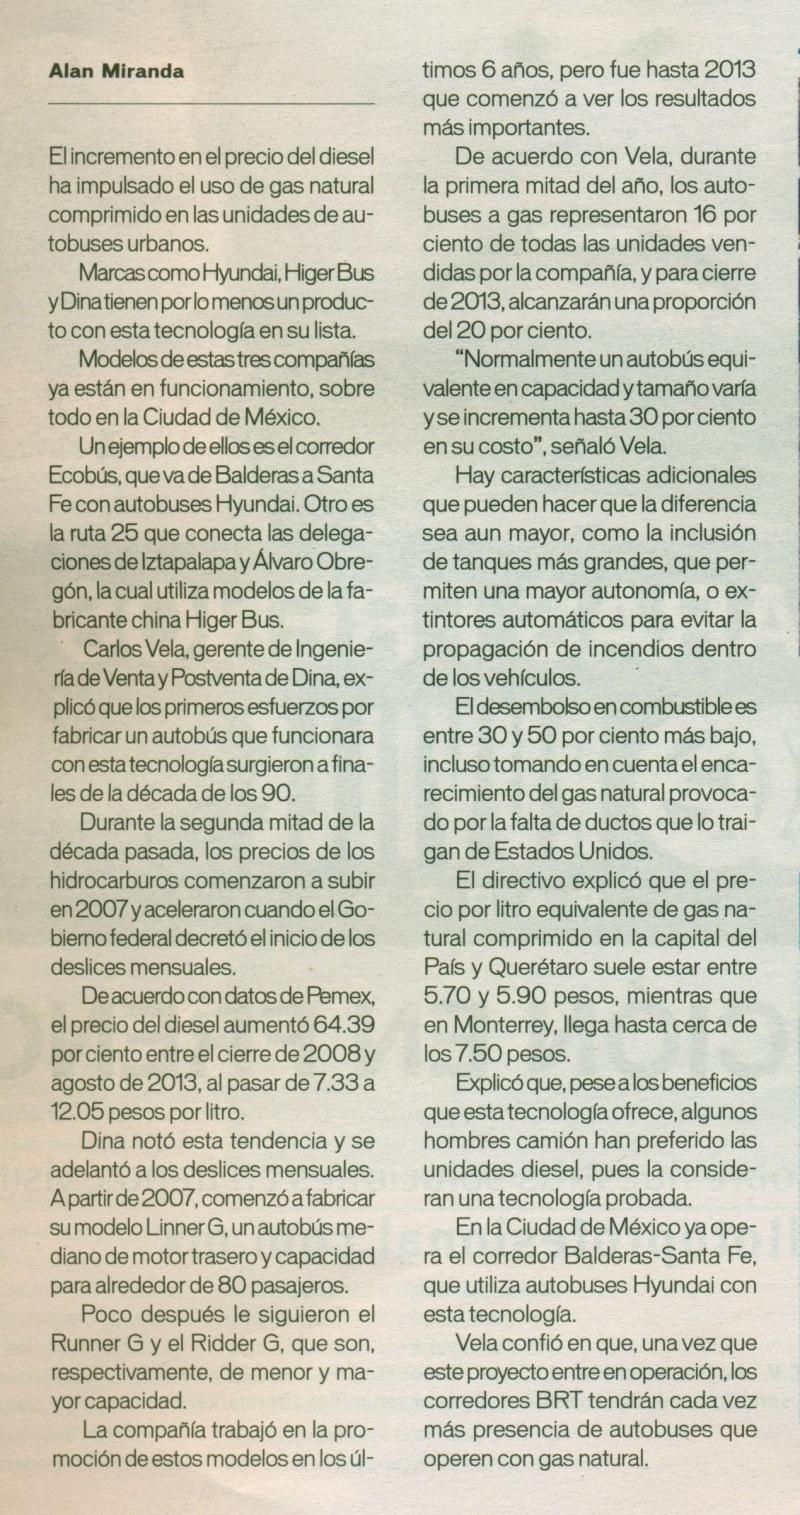 Suplemento Industrial Automotriz Periódico Reforma Agosto 2013 Pag. 6A